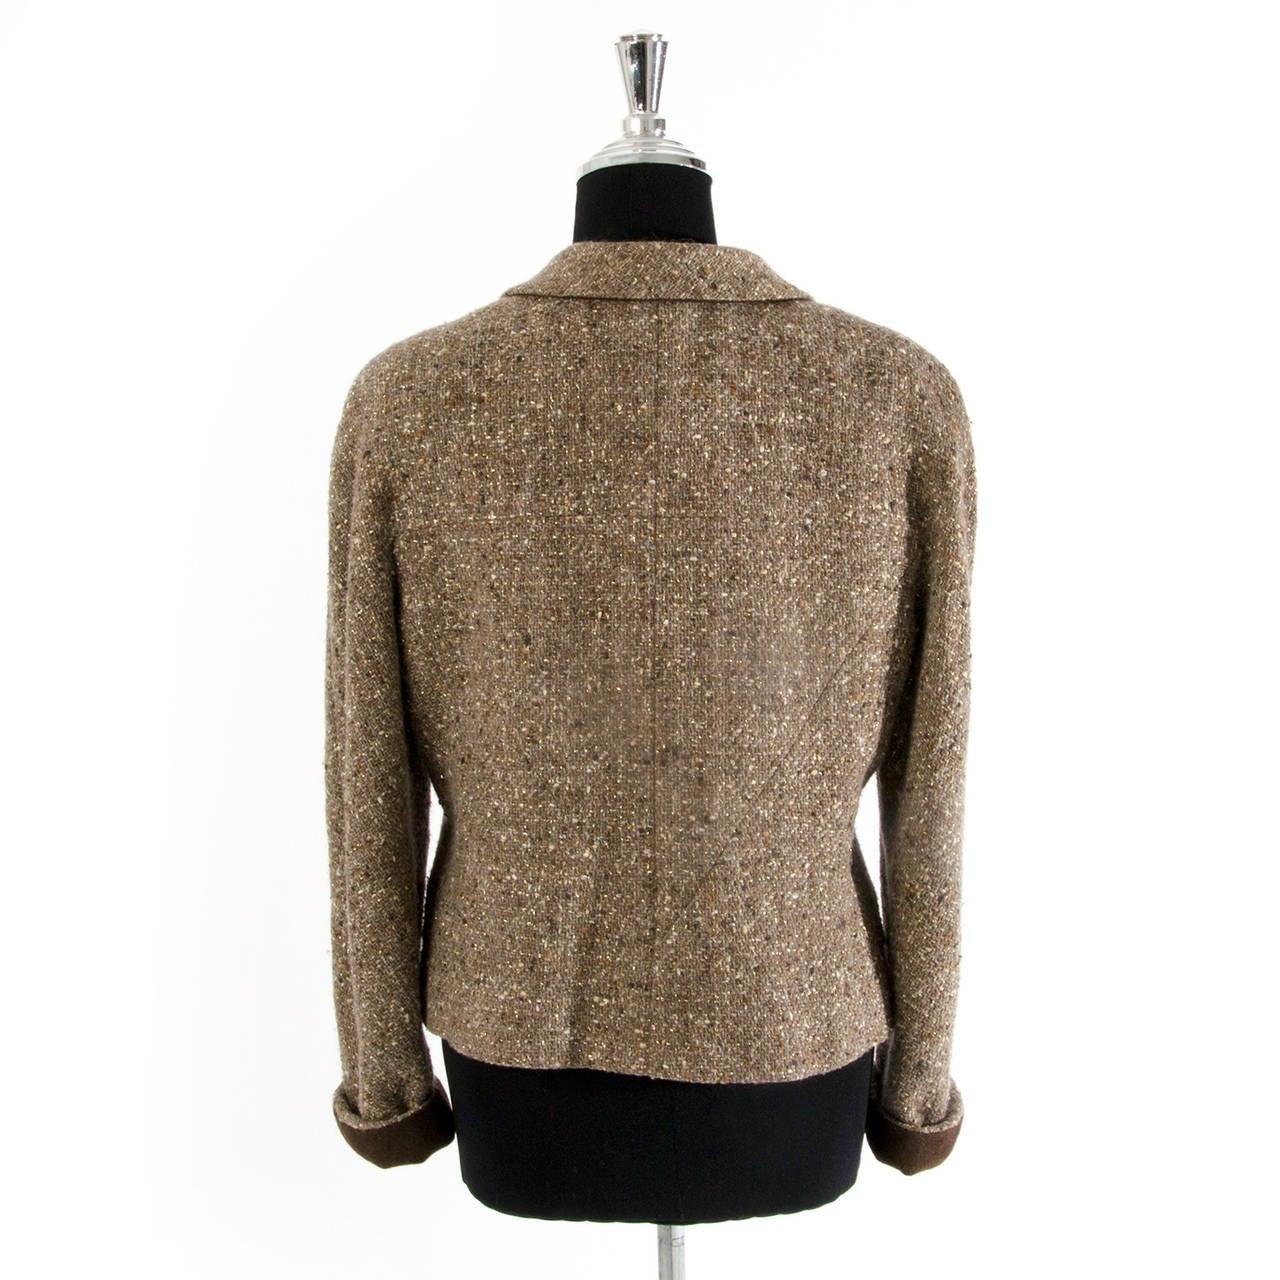 Chanel Tweed Brown Jacket 2